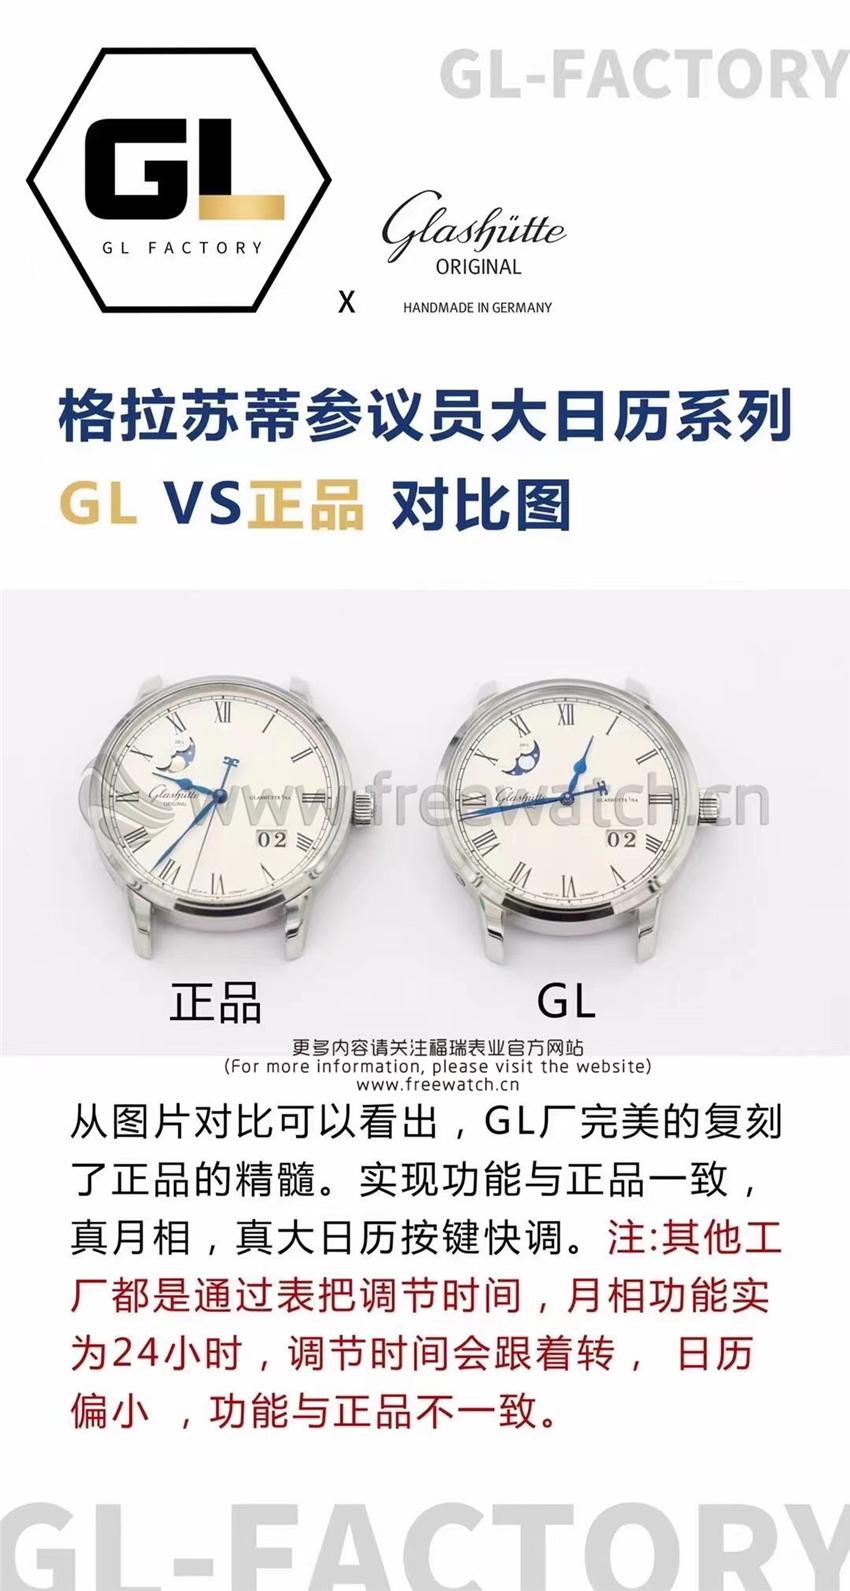 GL厂格拉苏蒂参议员大日历系列与正品对比评测